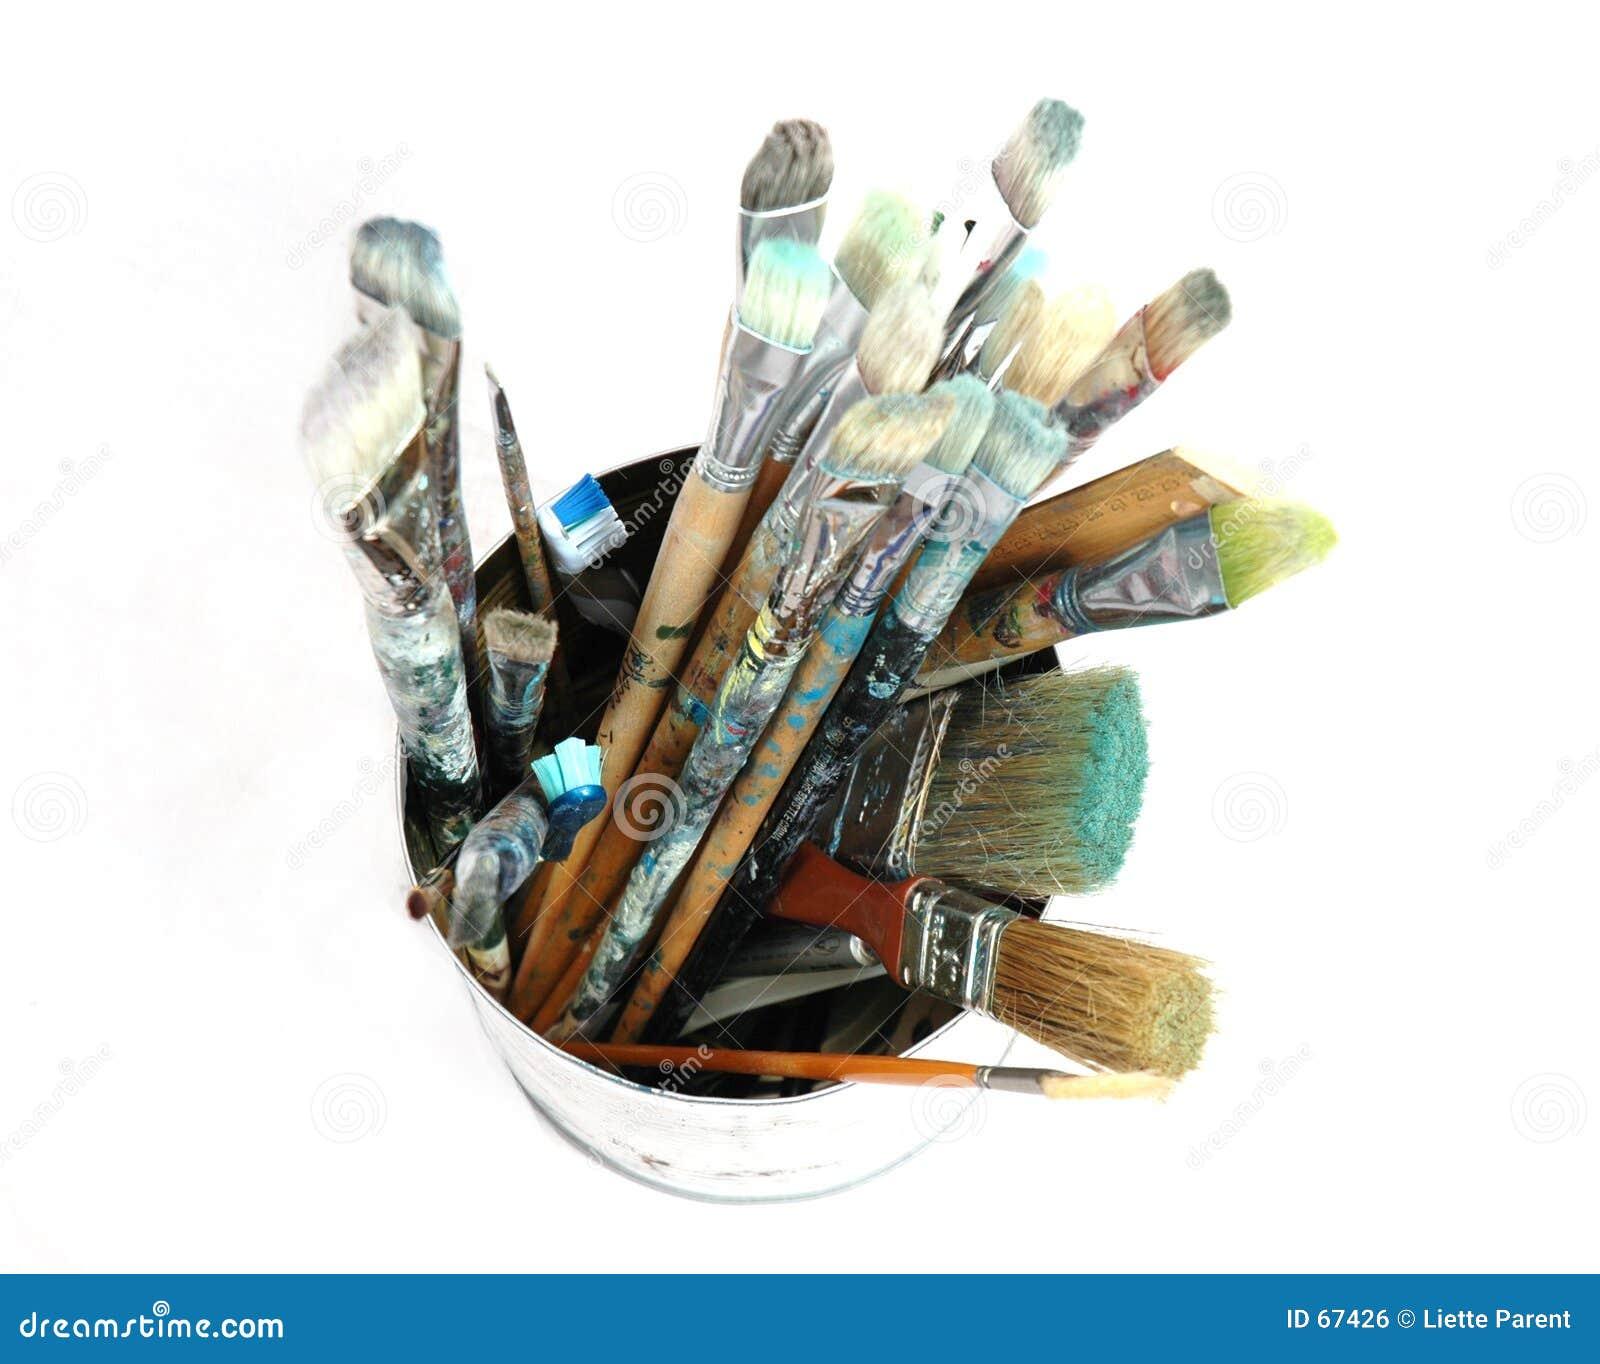 3 paintbrushes